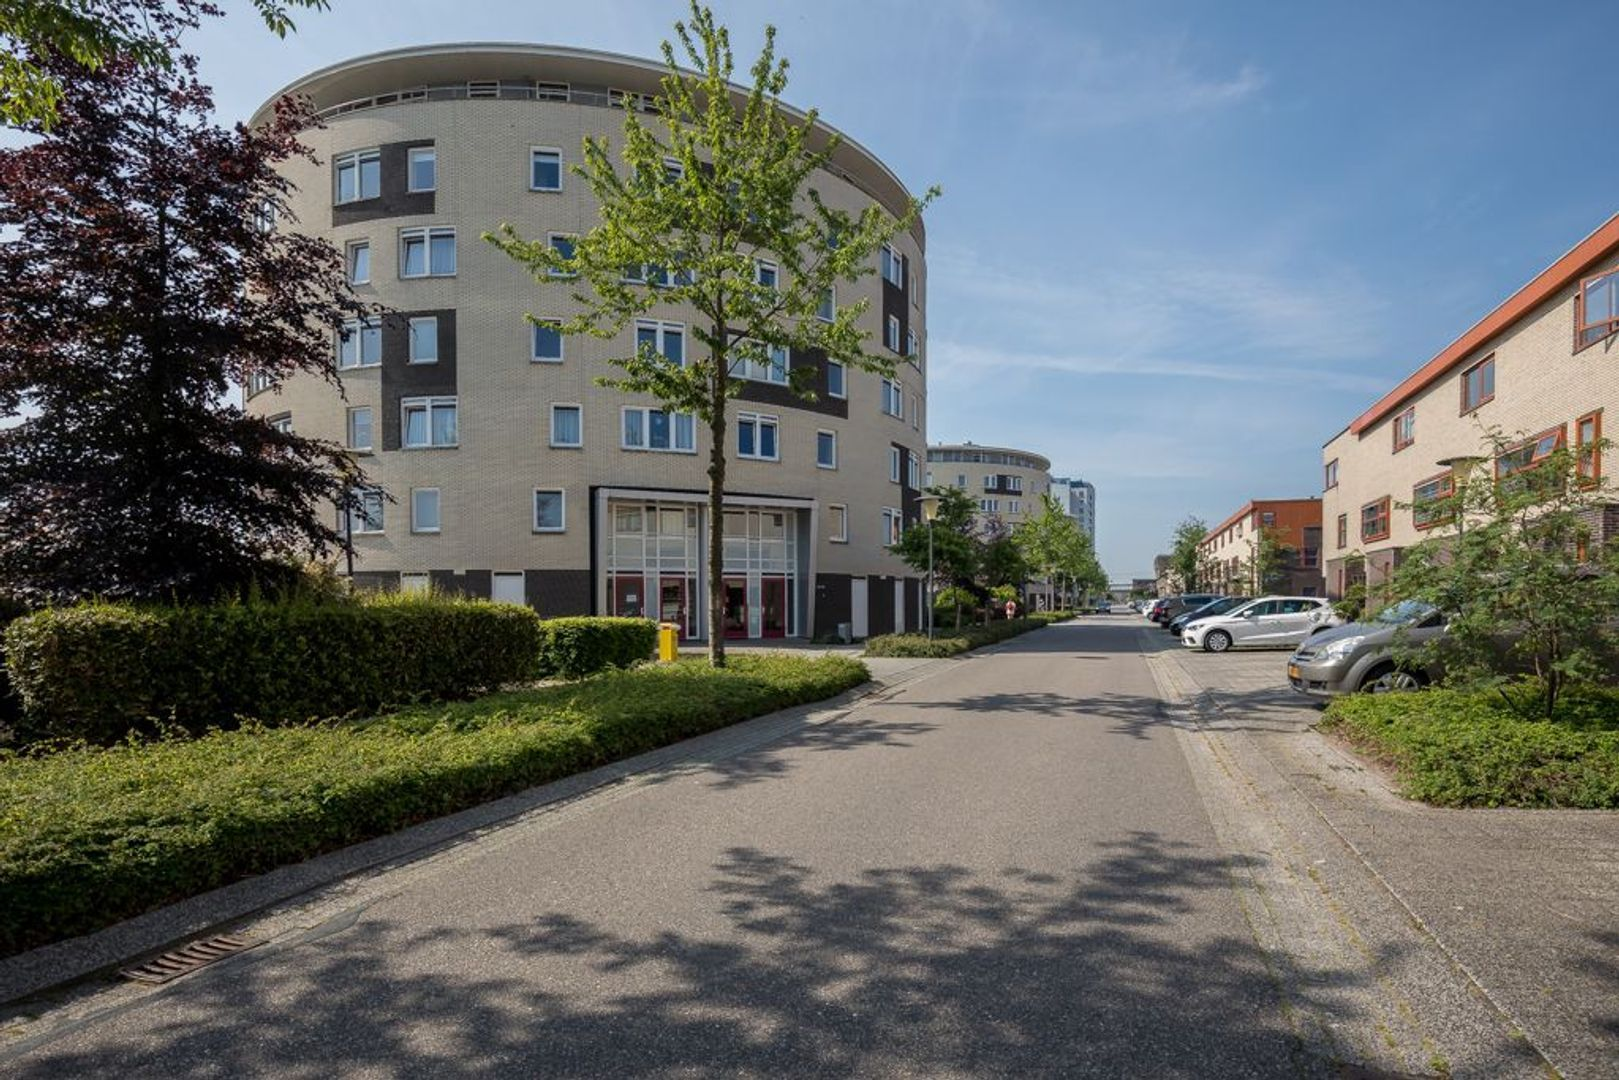 Poortugaalstraat 126, Zoetermeer foto-4